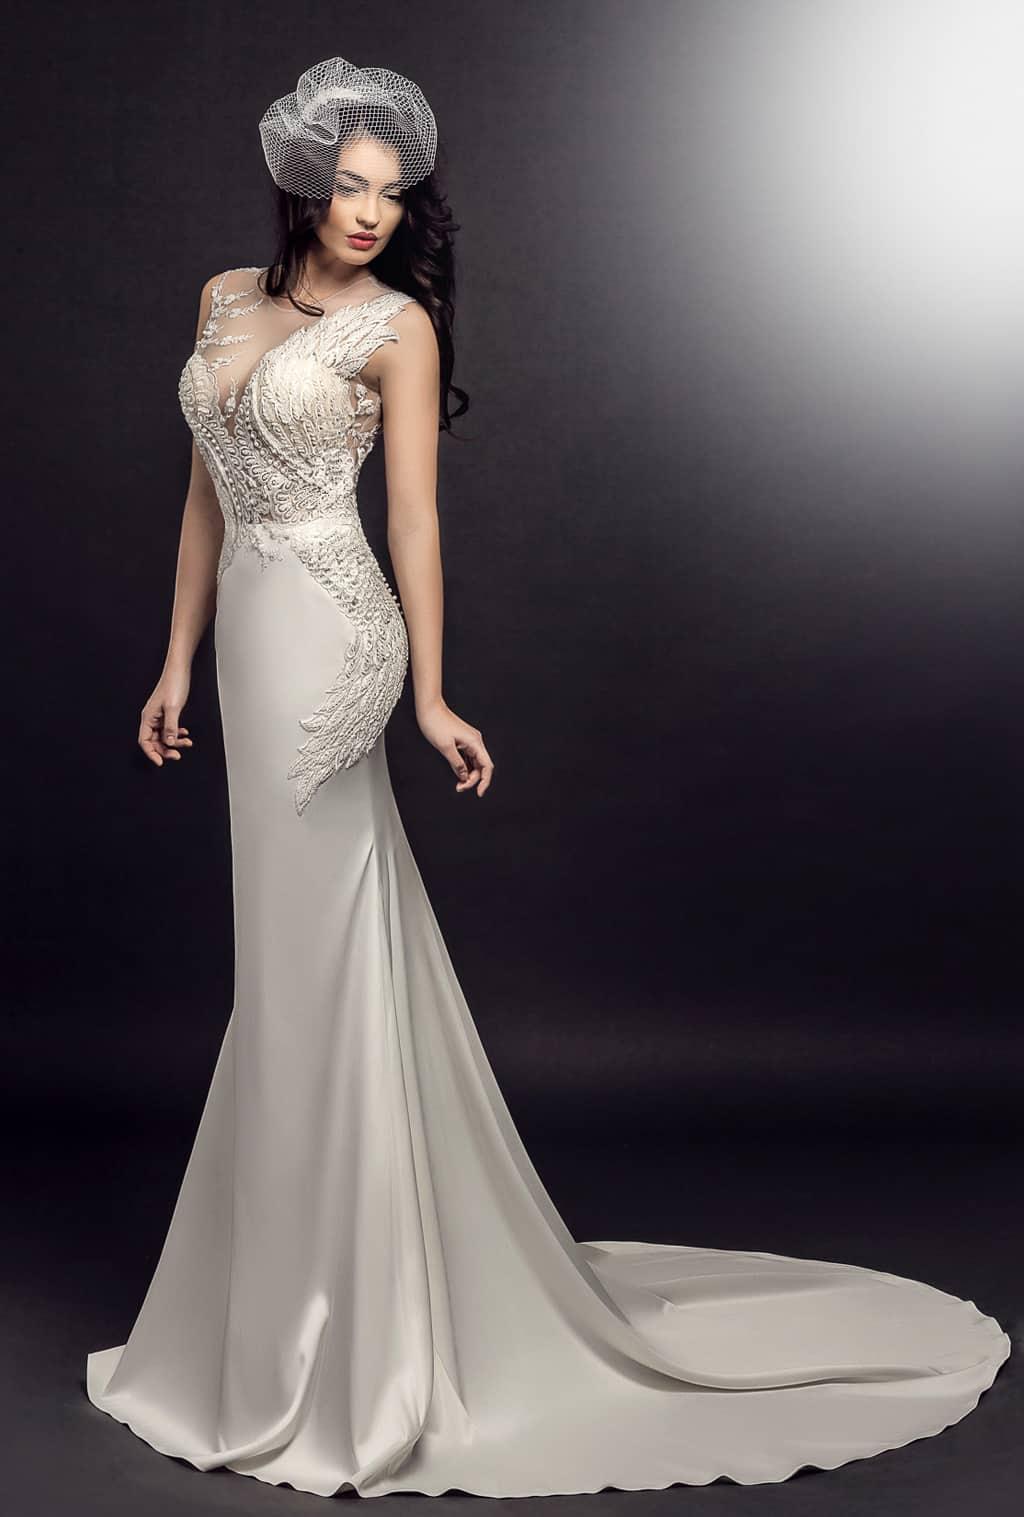 Rochie de mireasa Phoenix Model - Colectia Dreams - Adora Sposa